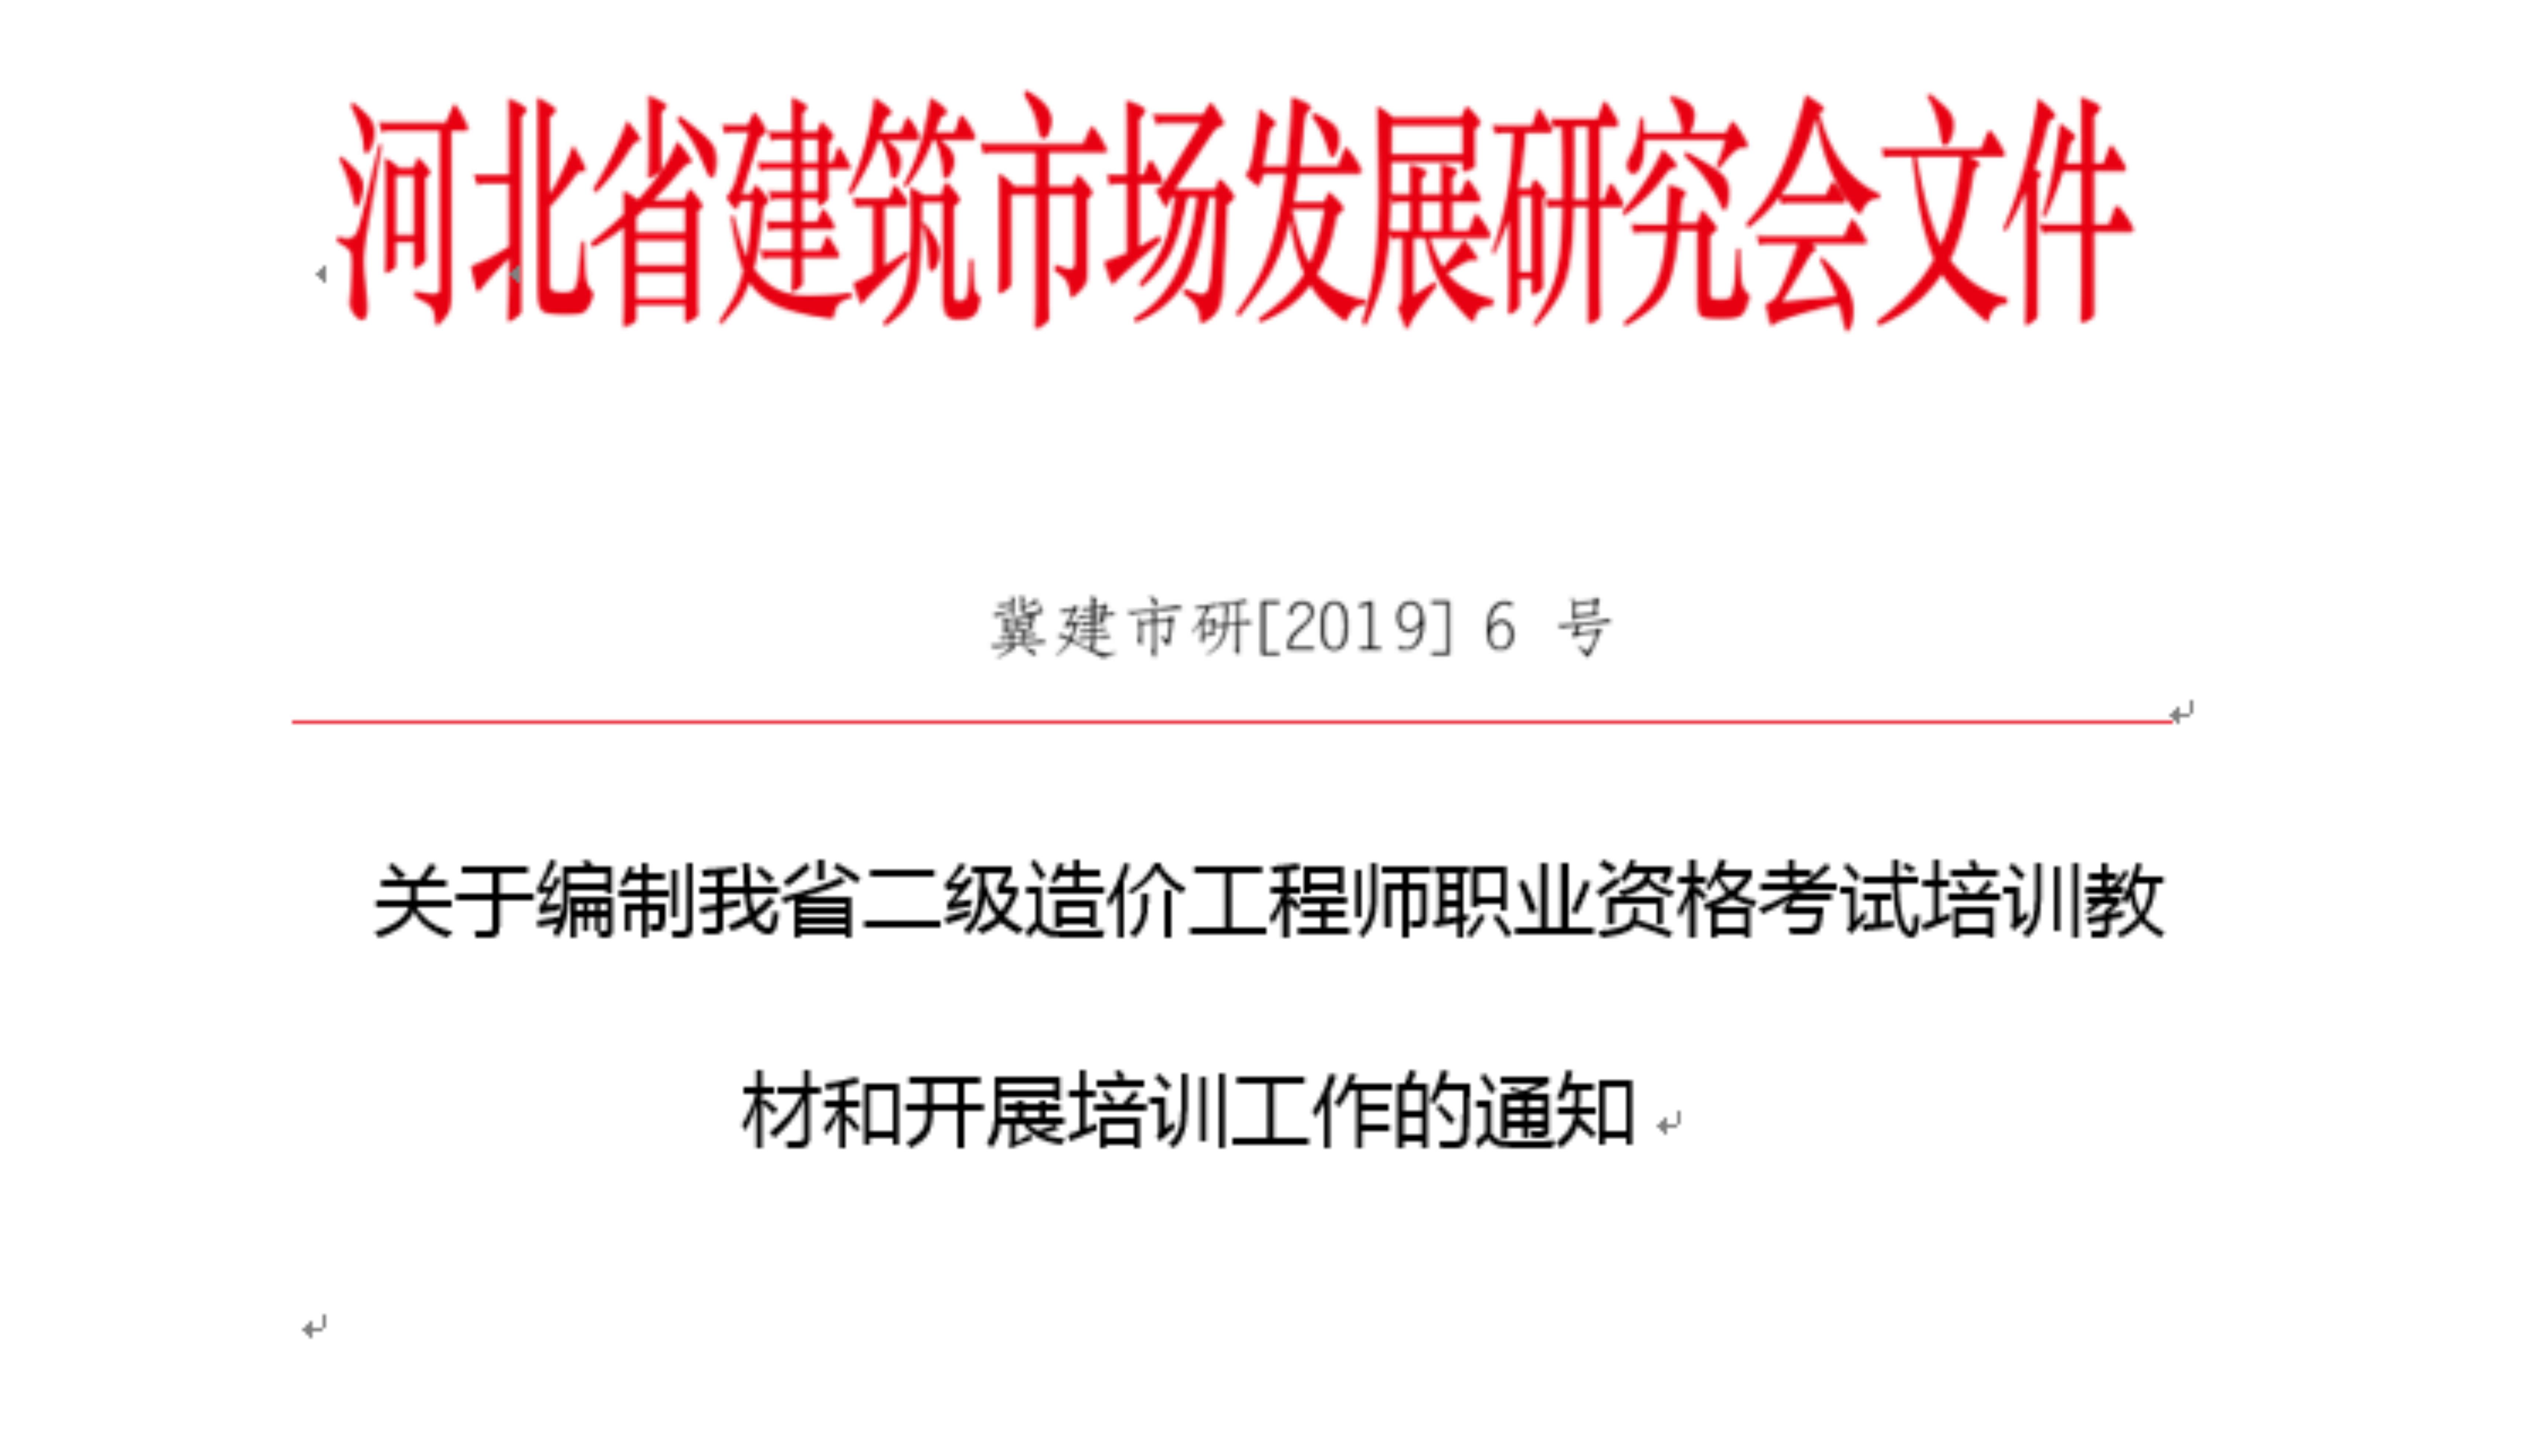 【通知】关于举办2019年度河北省二级造价工程师职业资格考试精讲班预报名的通知